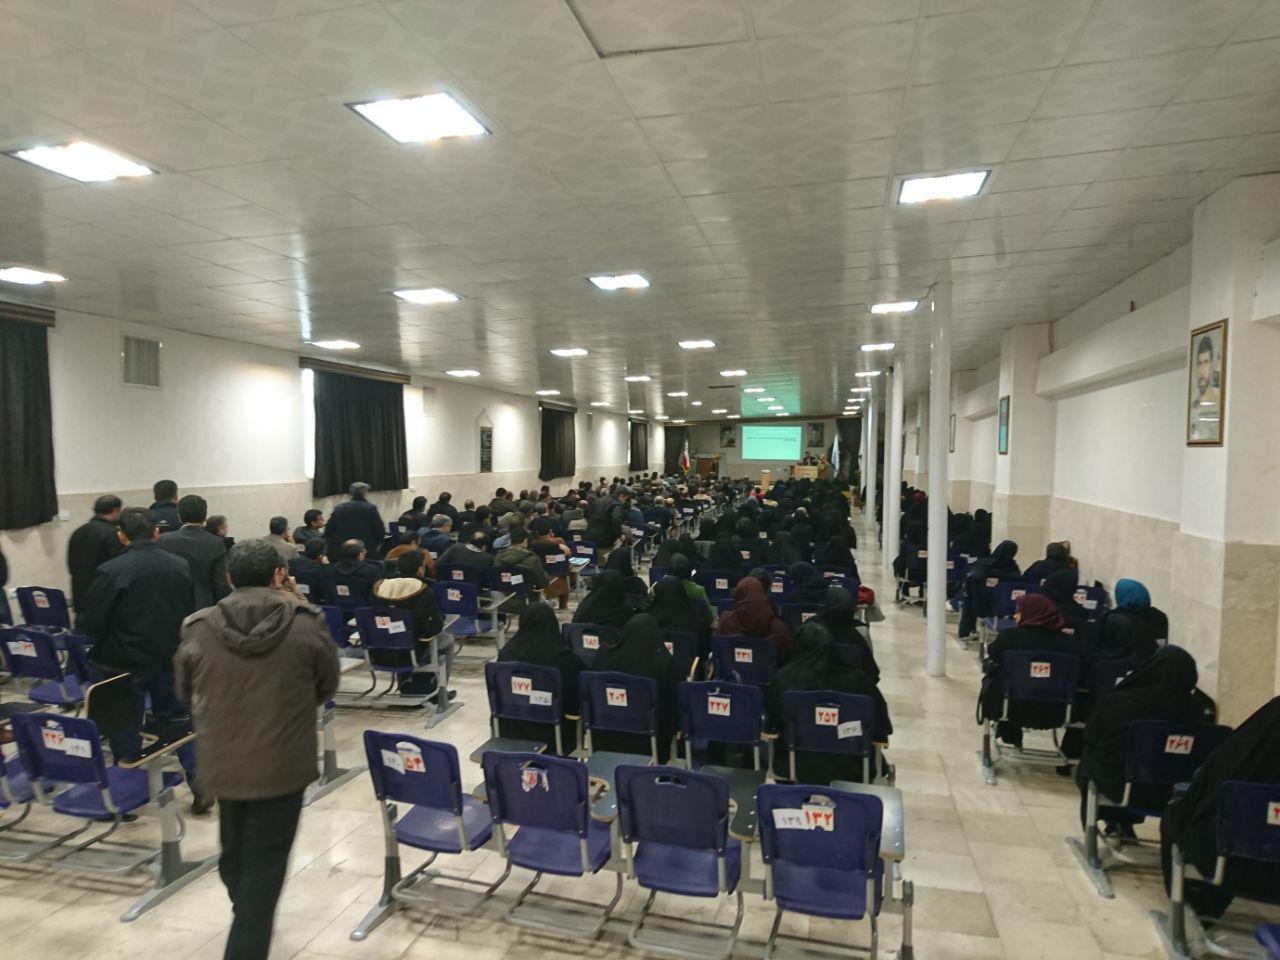 مدیریت دبیرستان شهدای صنف گردبافان، جناب آقای خانیان، درجلسه ی سند تحول بنیادین شرکت کردند.